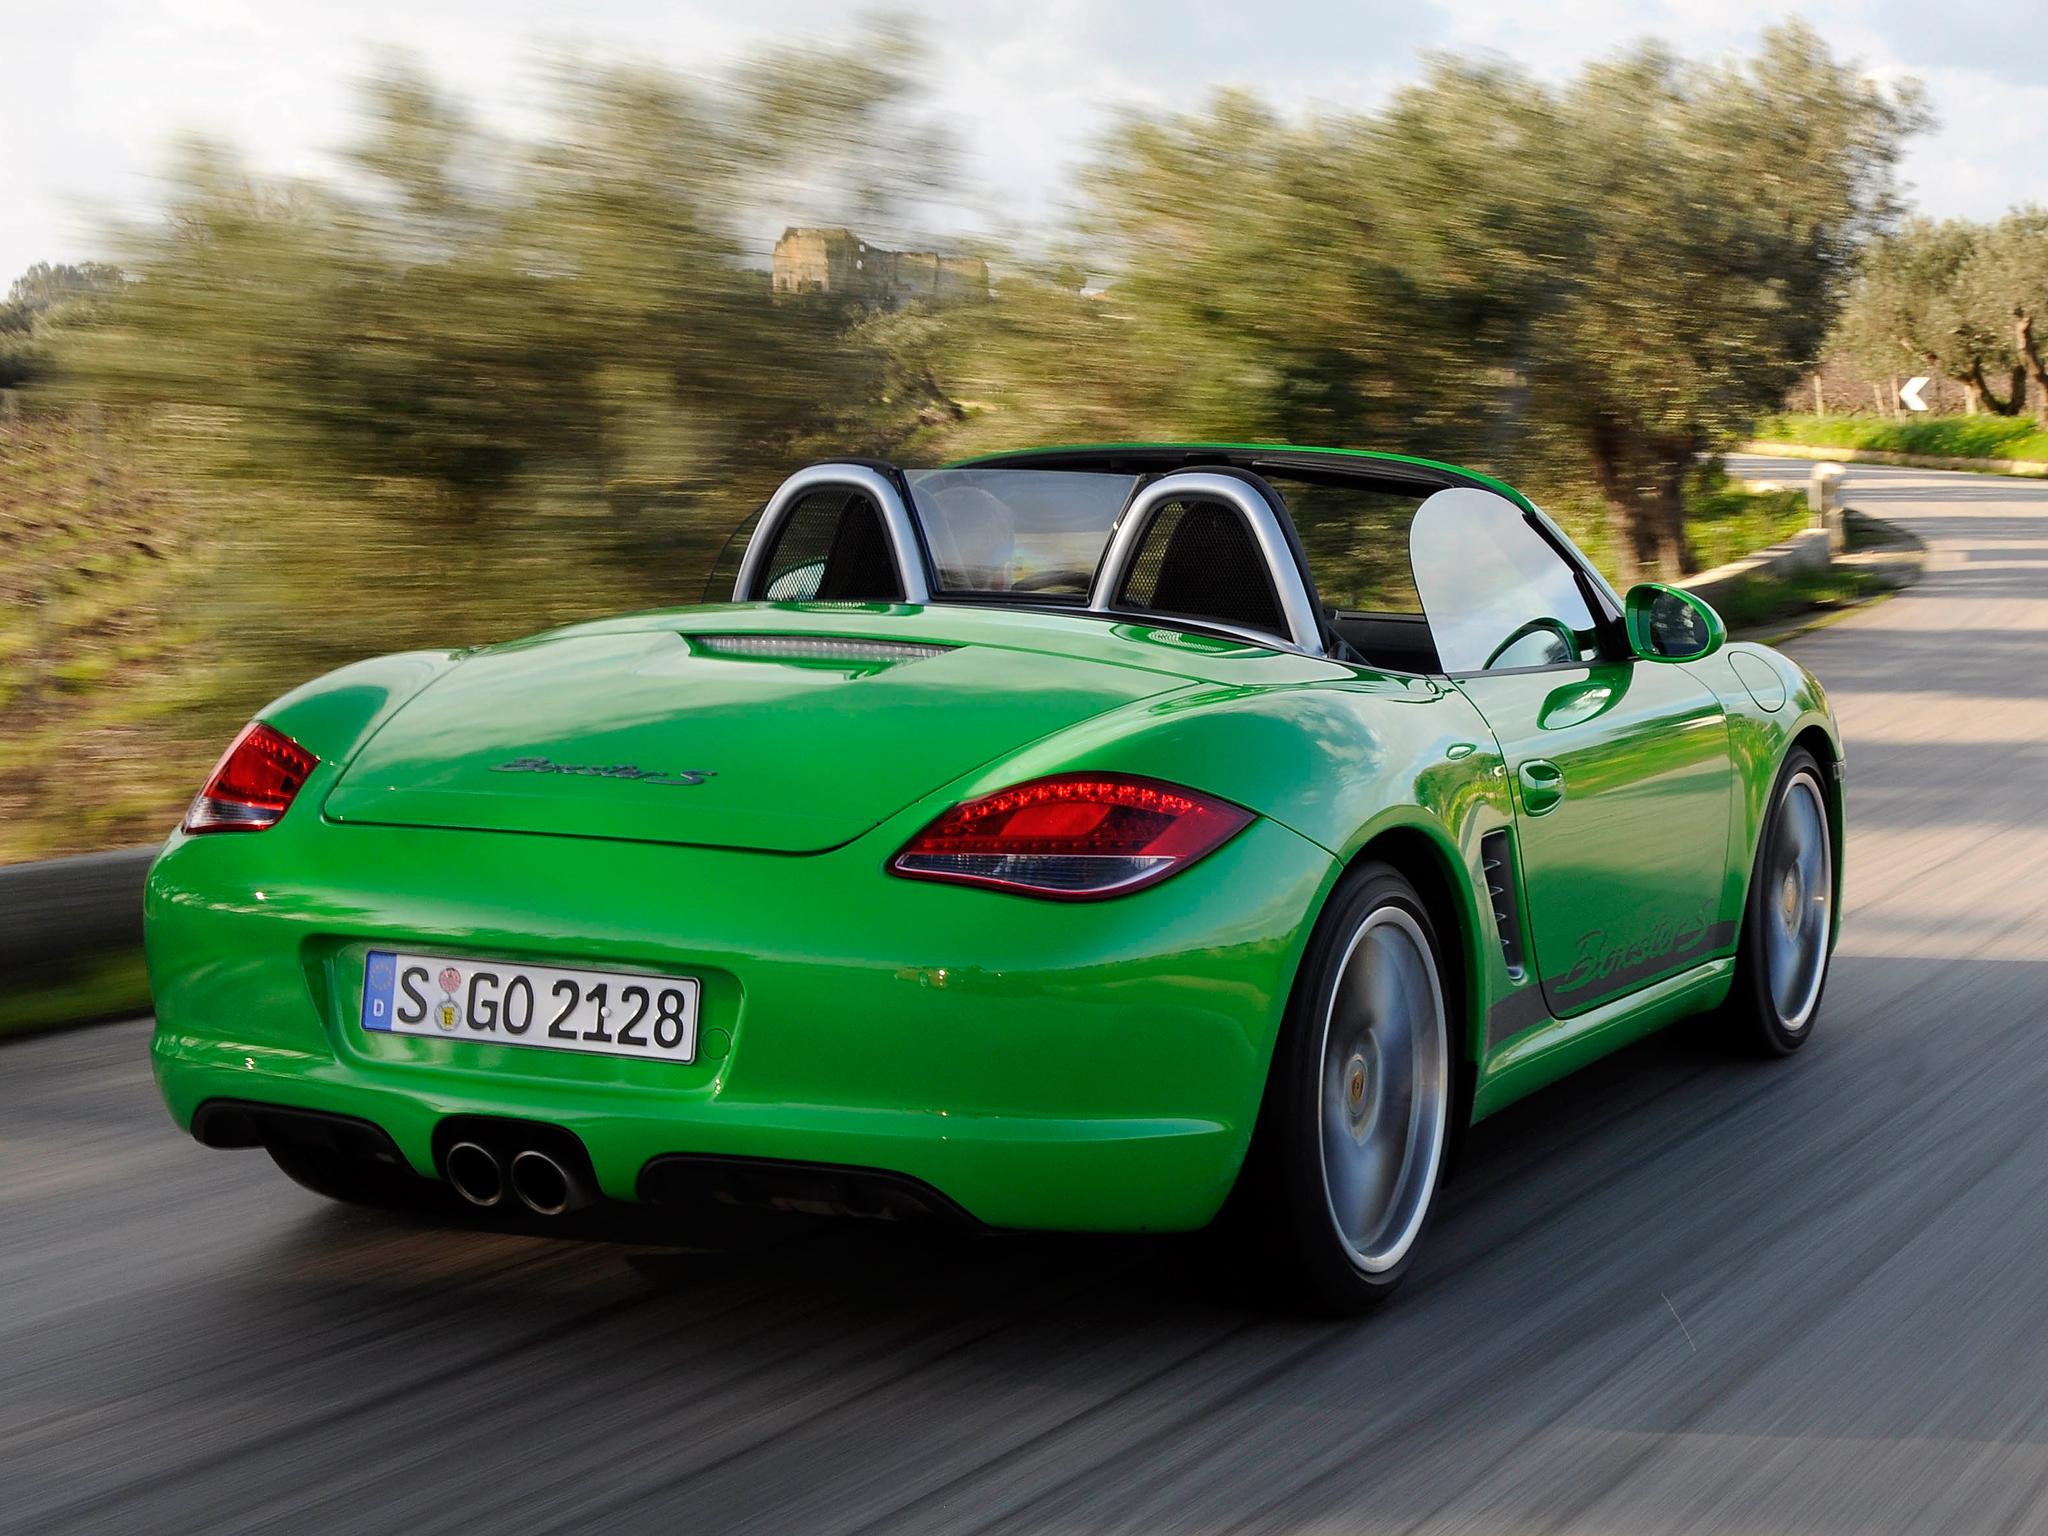 130454 Hintergrundbild 128x160 kostenlos auf deinem Handy, lade Bilder Porsche, Cars, Rückansicht, Geschwindigkeit, Cabriolet, Boxster, Boxster S 128x160 auf dein Handy herunter